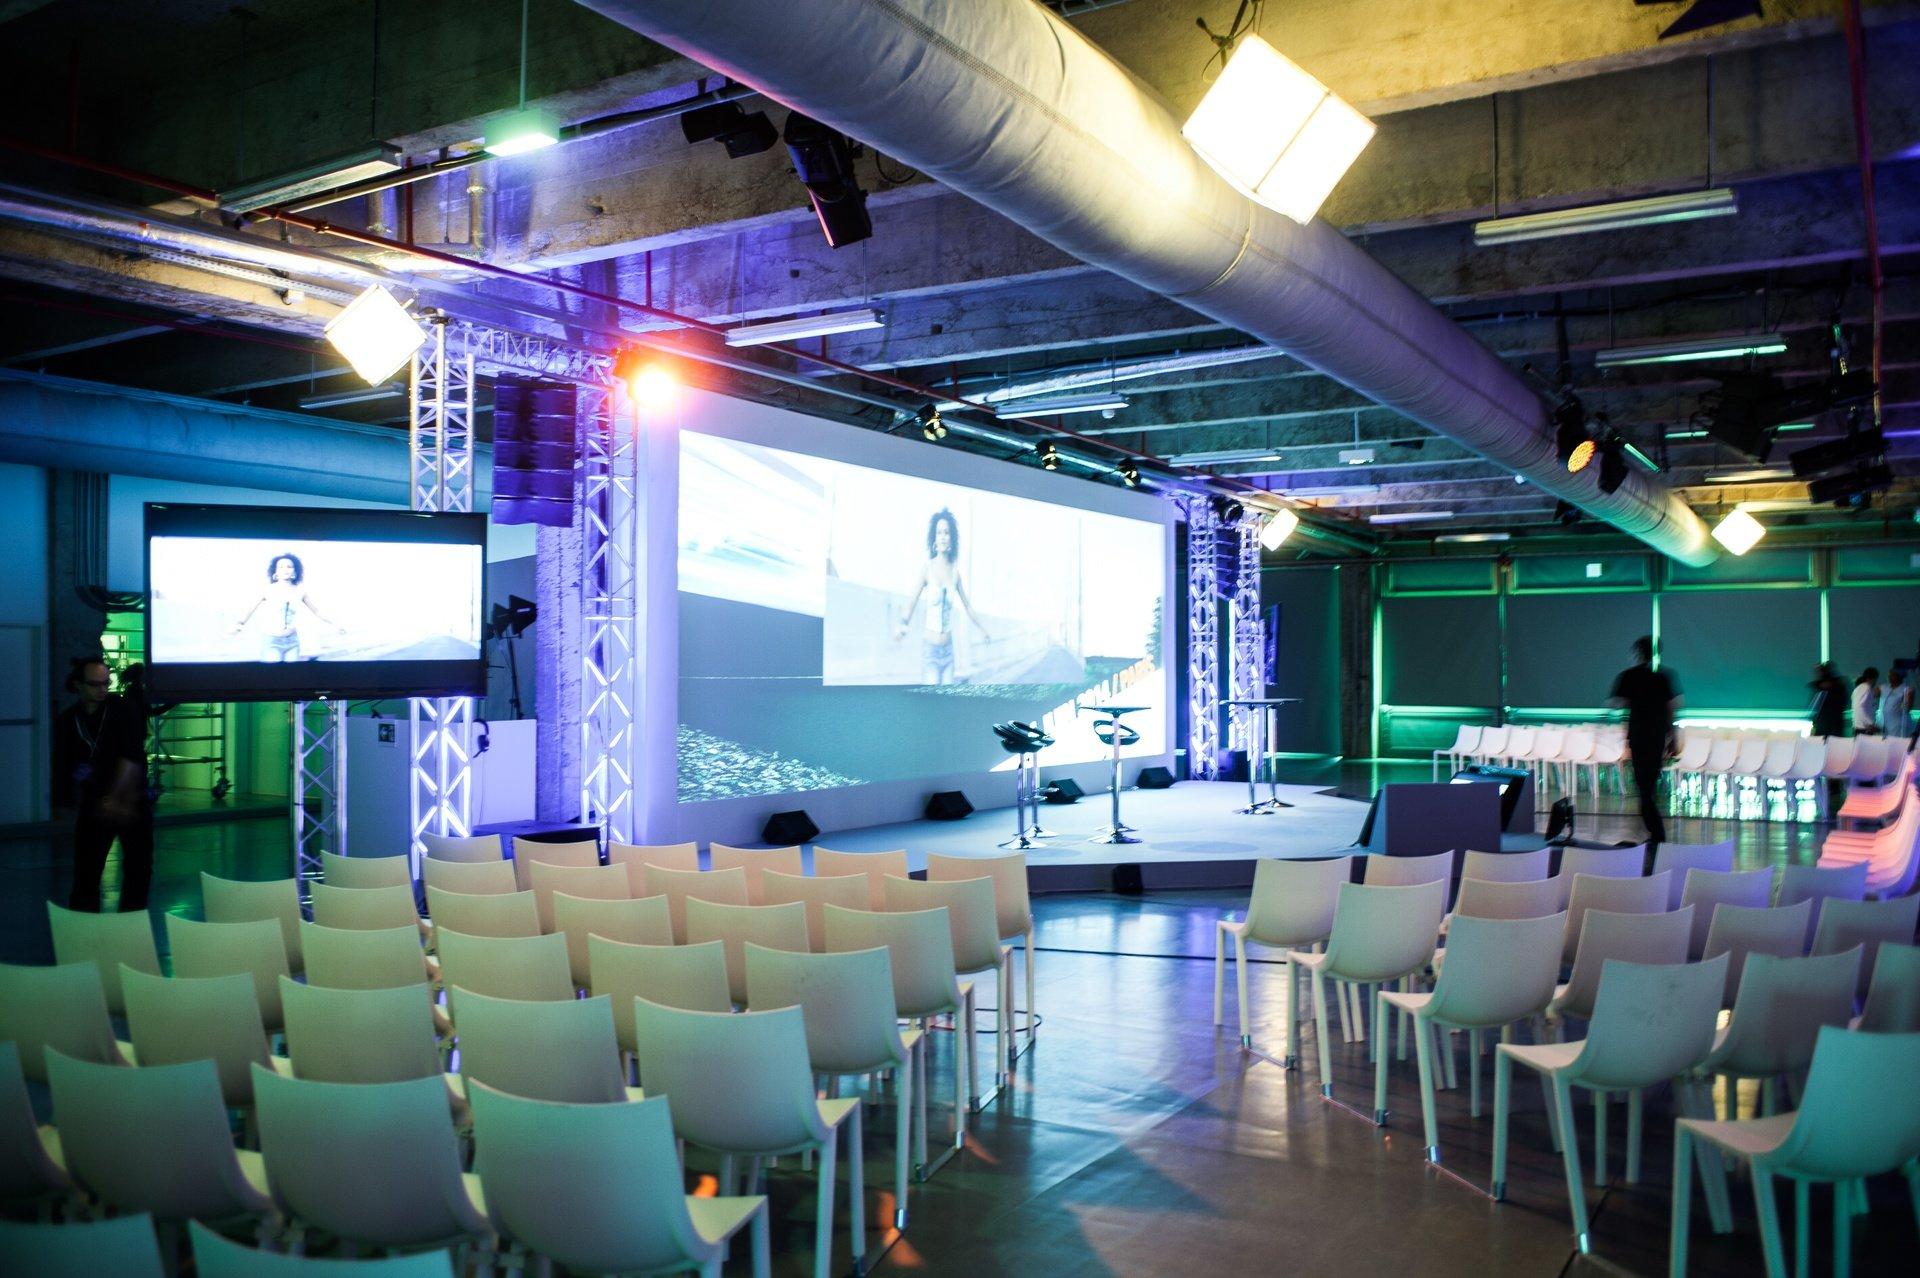 Paris corporate event venues Partyraum Les Docks - Le Grand Foyer image 0